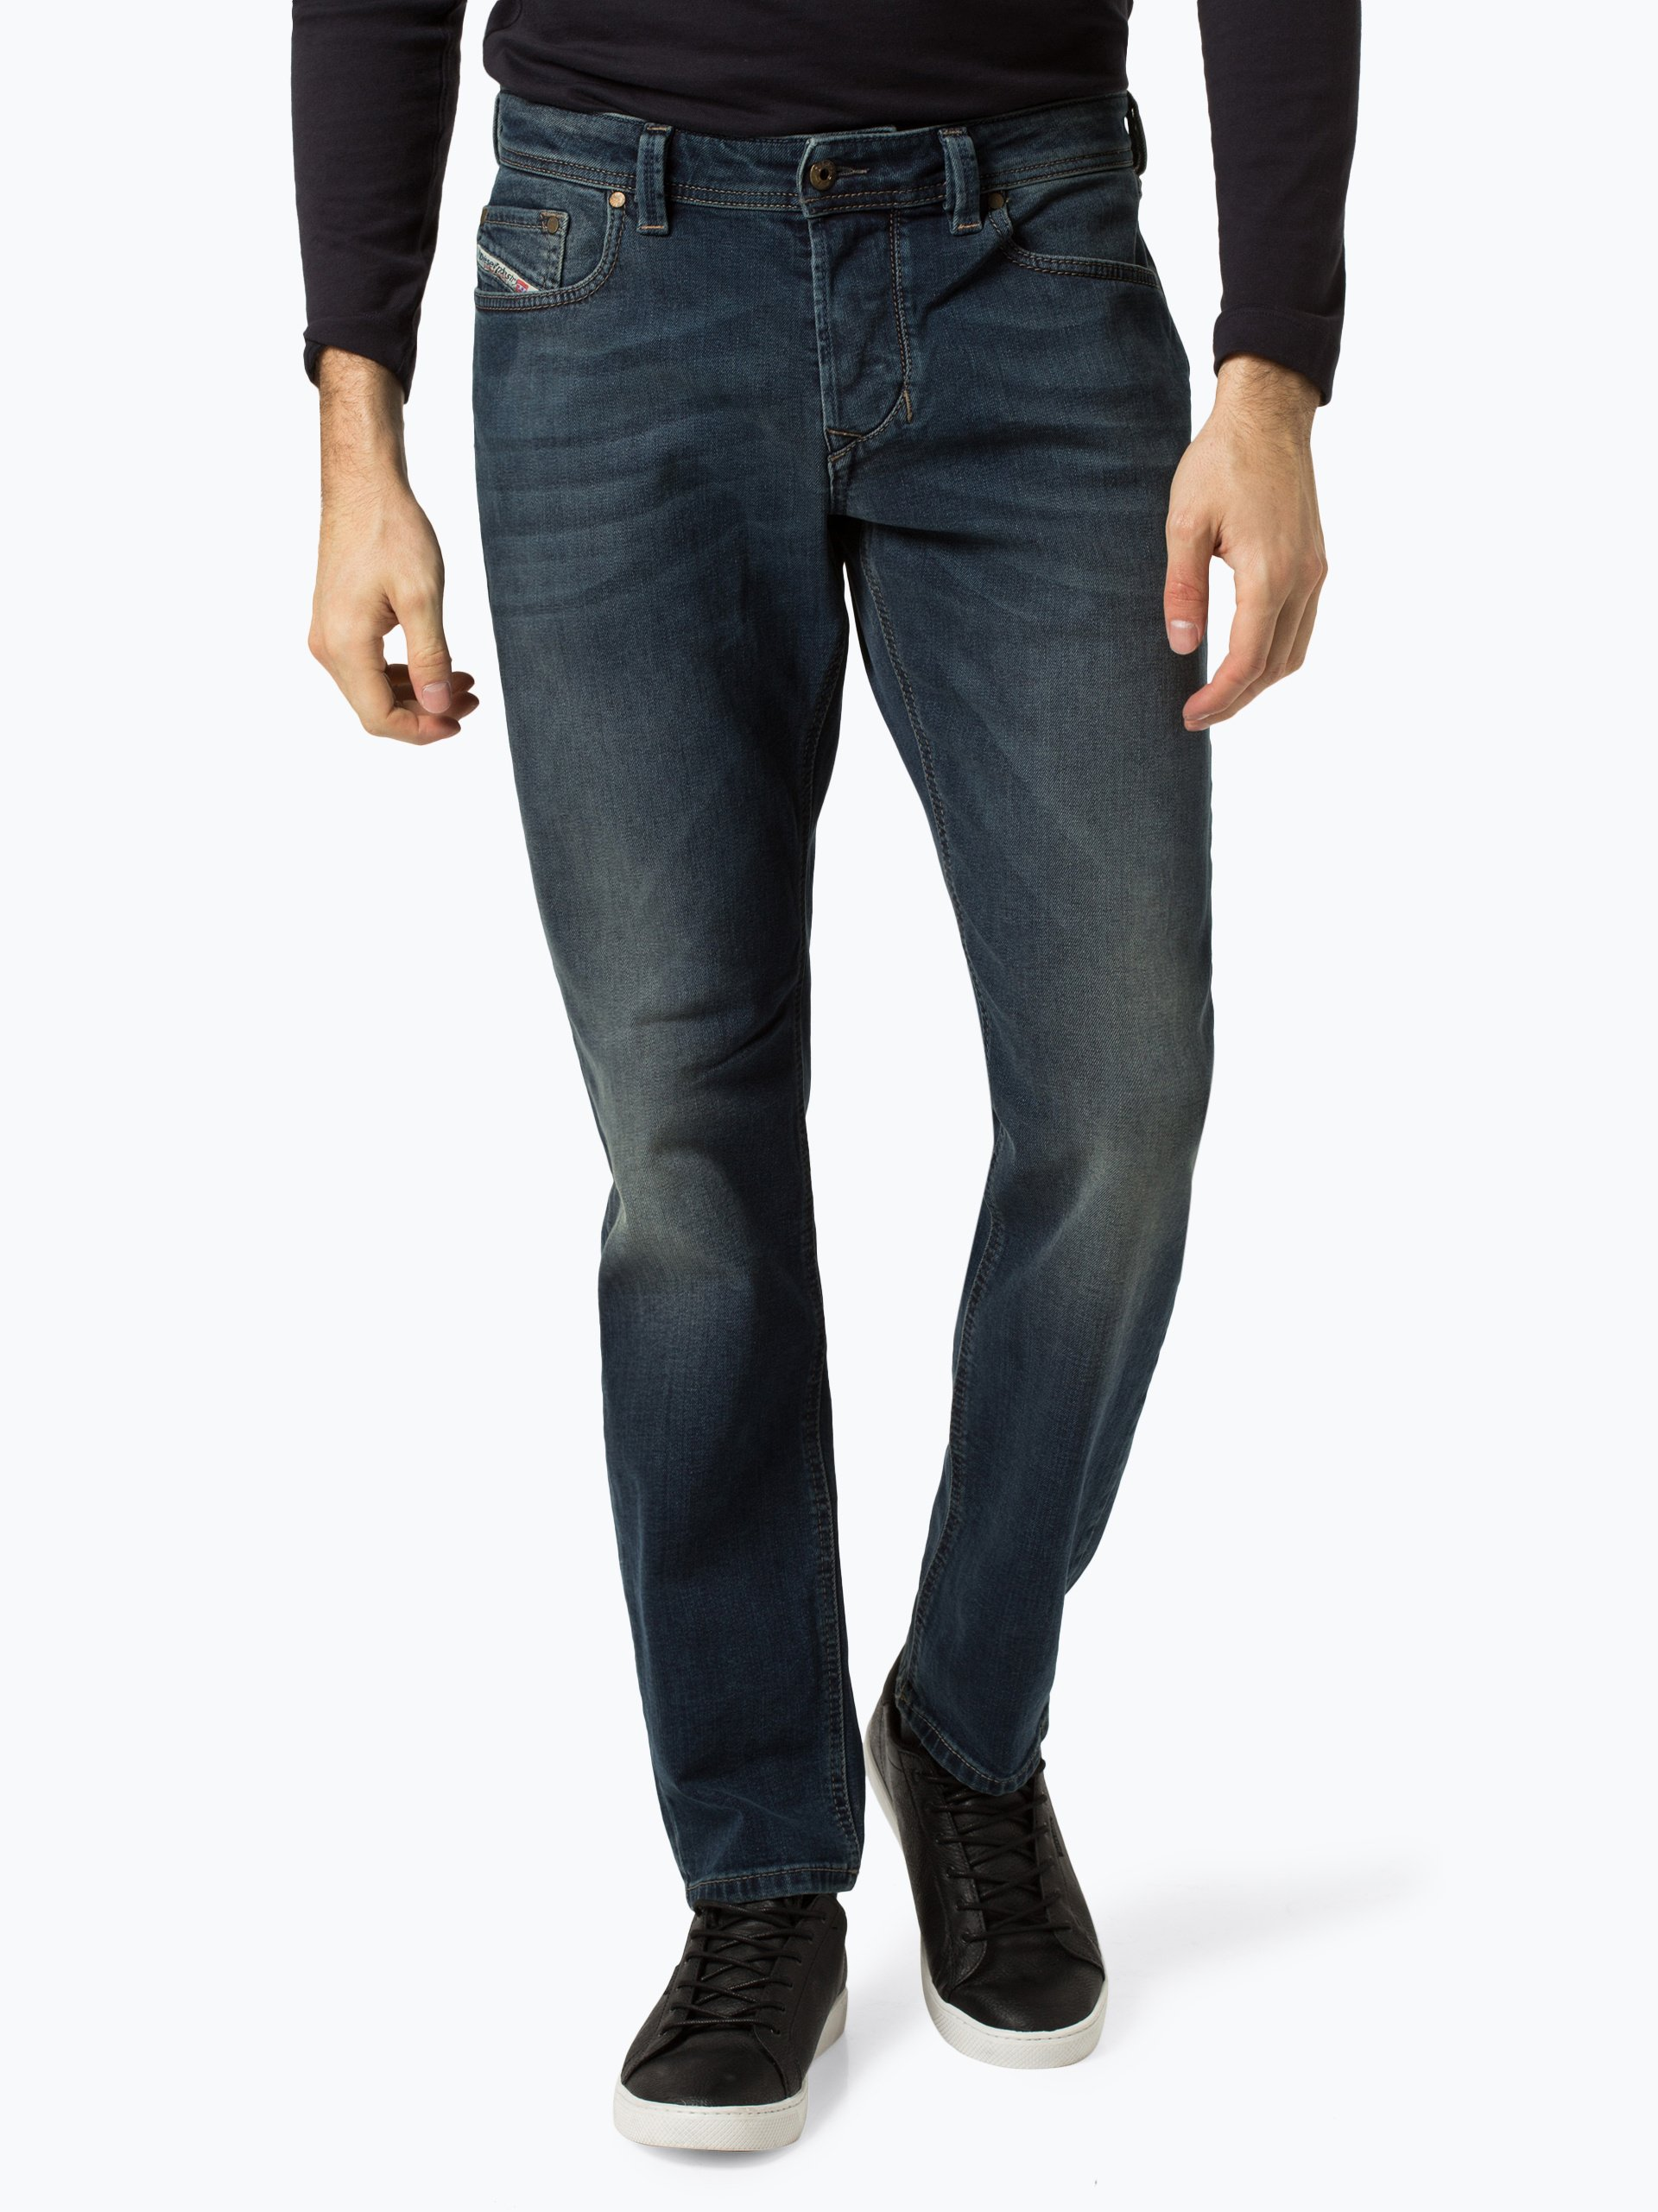 diesel herren jeans larkee beex online kaufen peek und. Black Bedroom Furniture Sets. Home Design Ideas